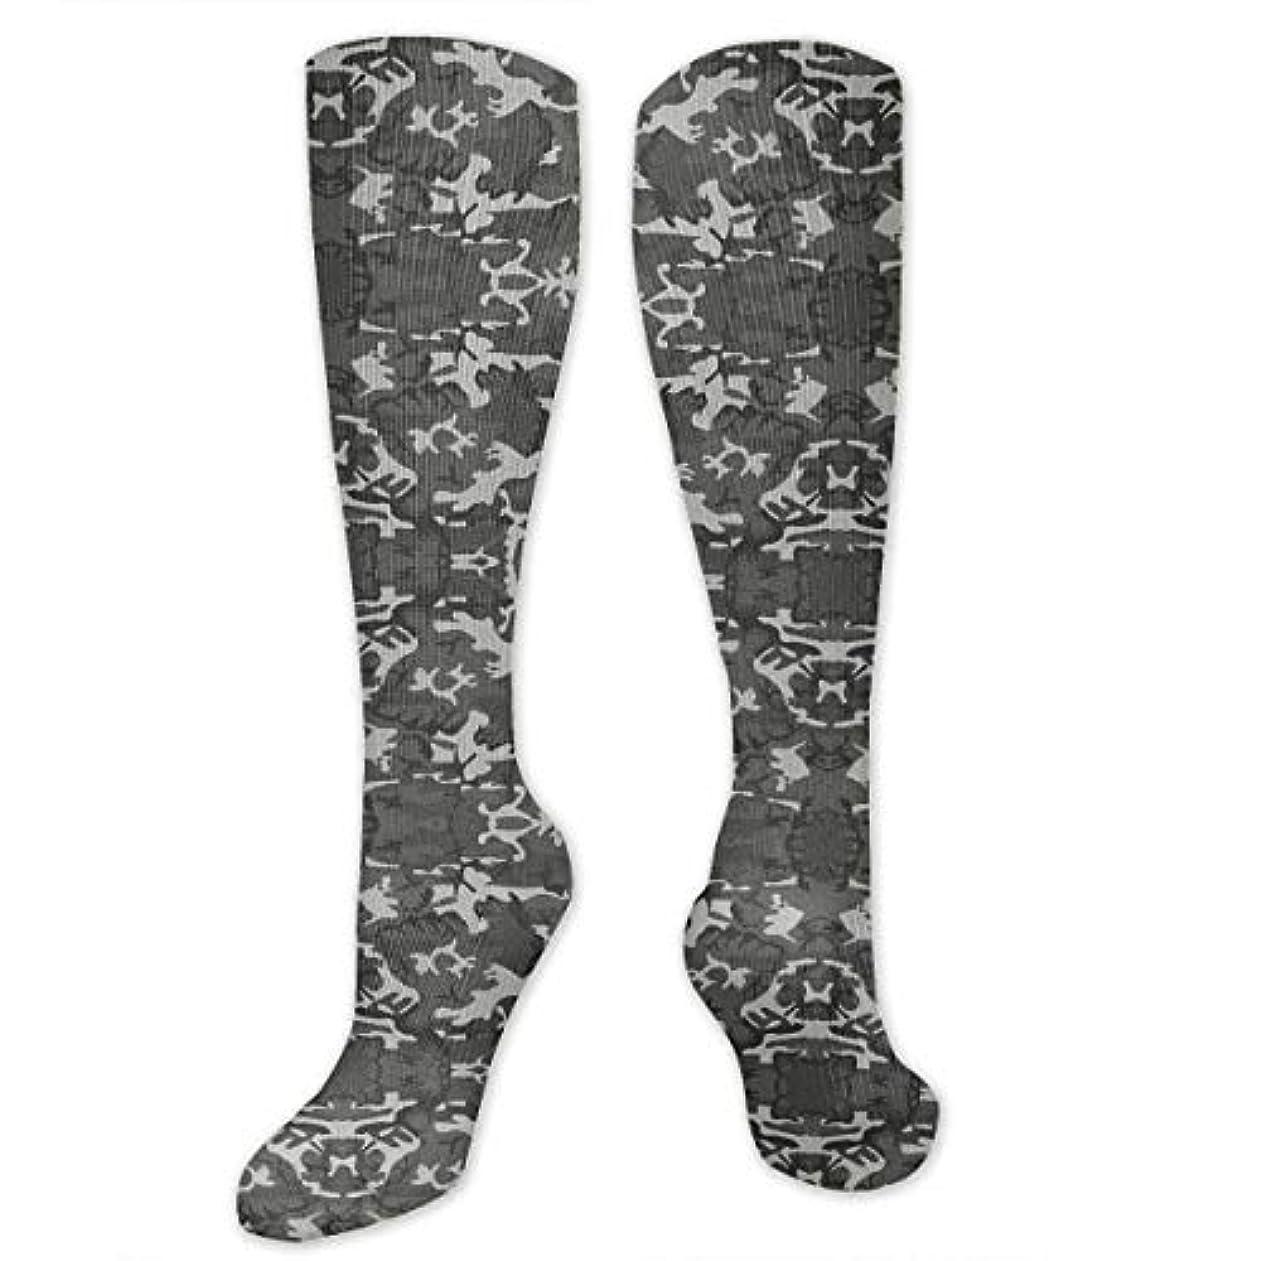 ヶ月目分散破壊的な靴下,ストッキング,野生のジョーカー,実際,秋の本質,冬必須,サマーウェア&RBXAA Mixed Gray Military Camouflage Socks Women's Winter Cotton Long Tube...